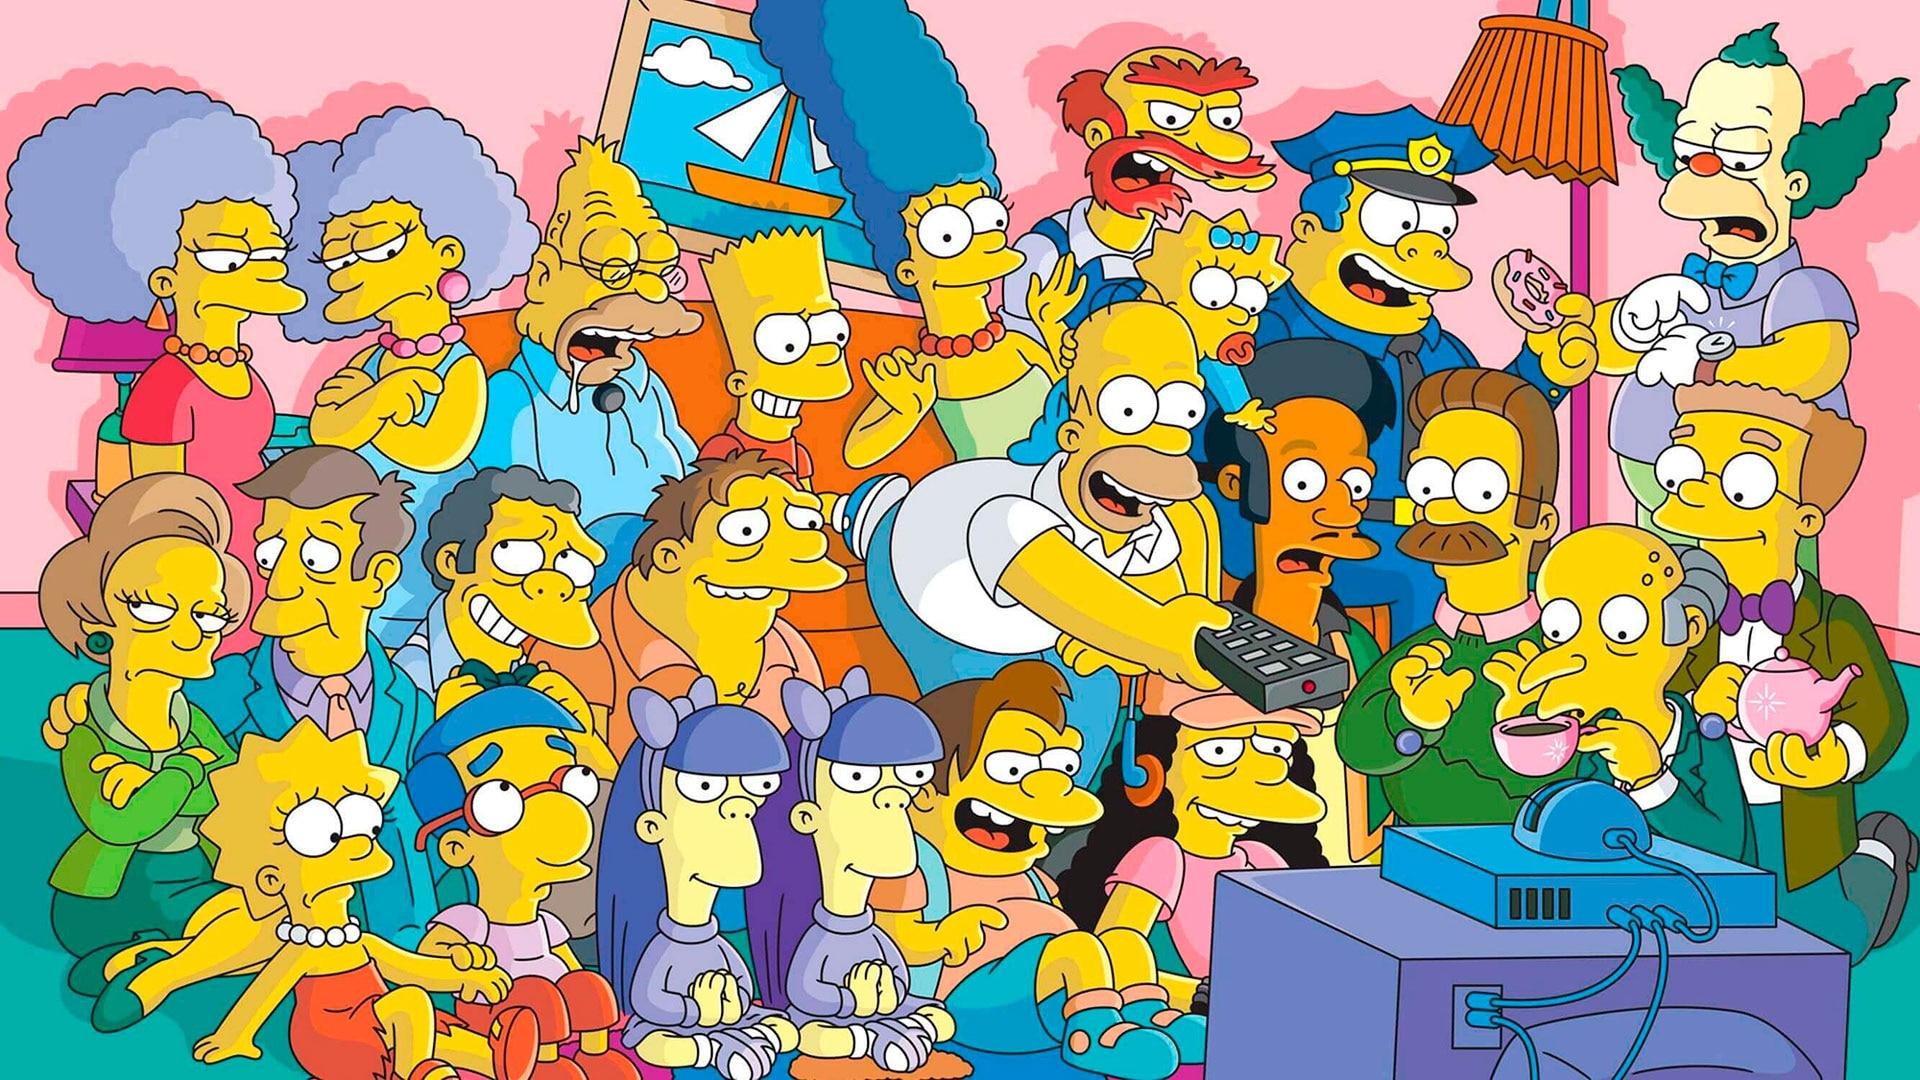 """Un escritor de """"Los Simpson"""" admitió que sí predijeron el coronavirus y las abejas asesinas - Infobae"""